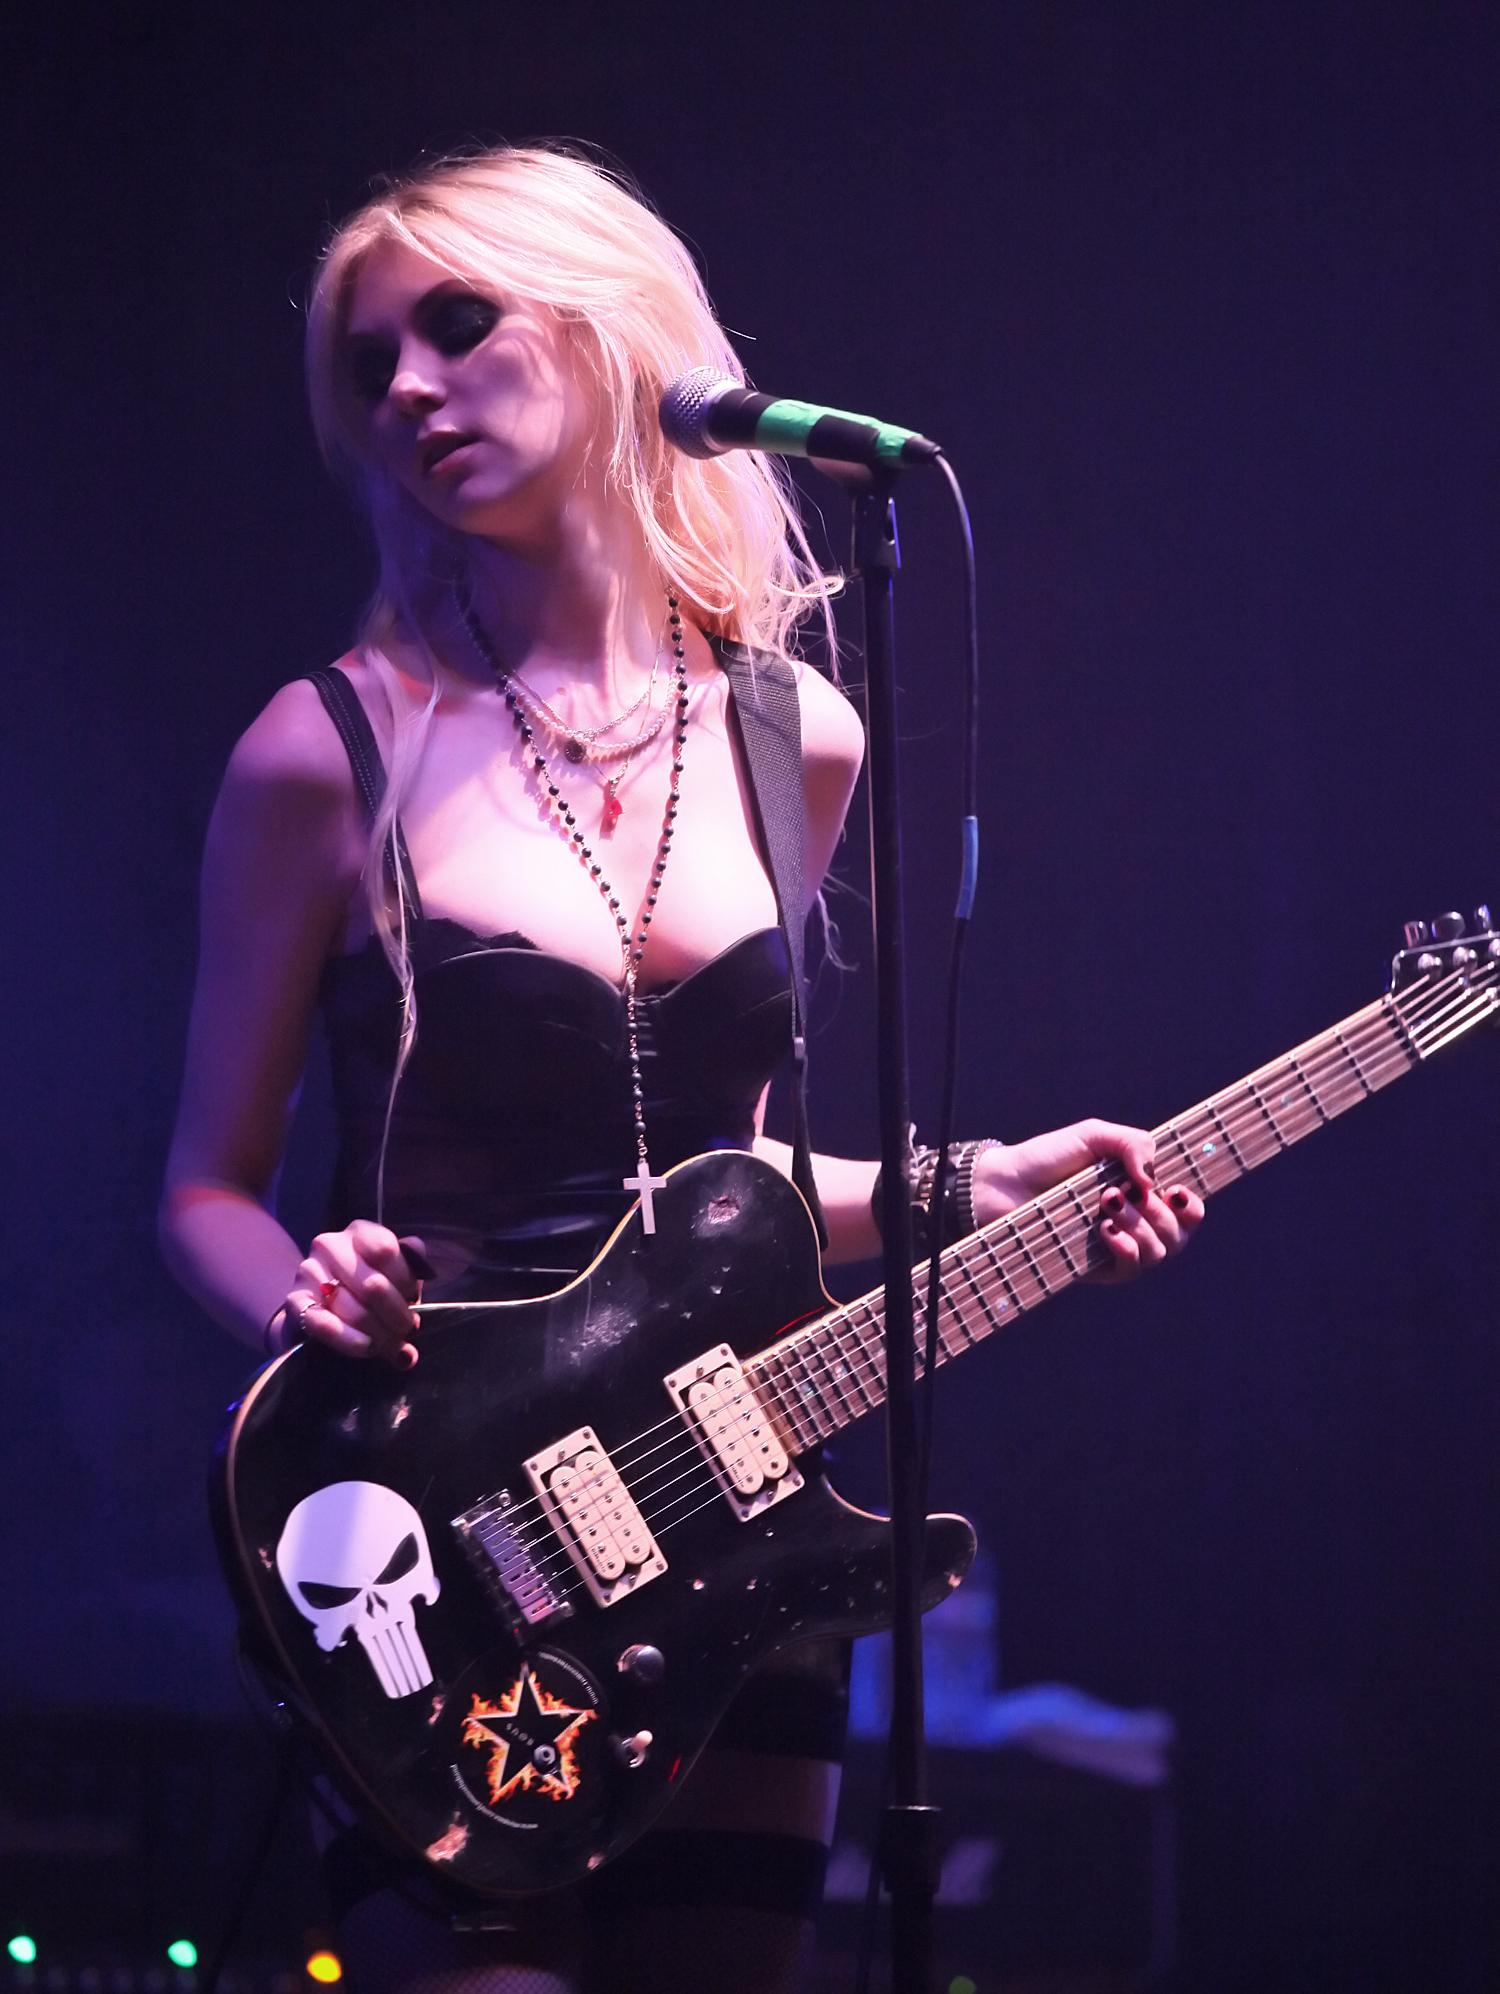 Taylor Momsen - Wikipedia Taylor Momsen